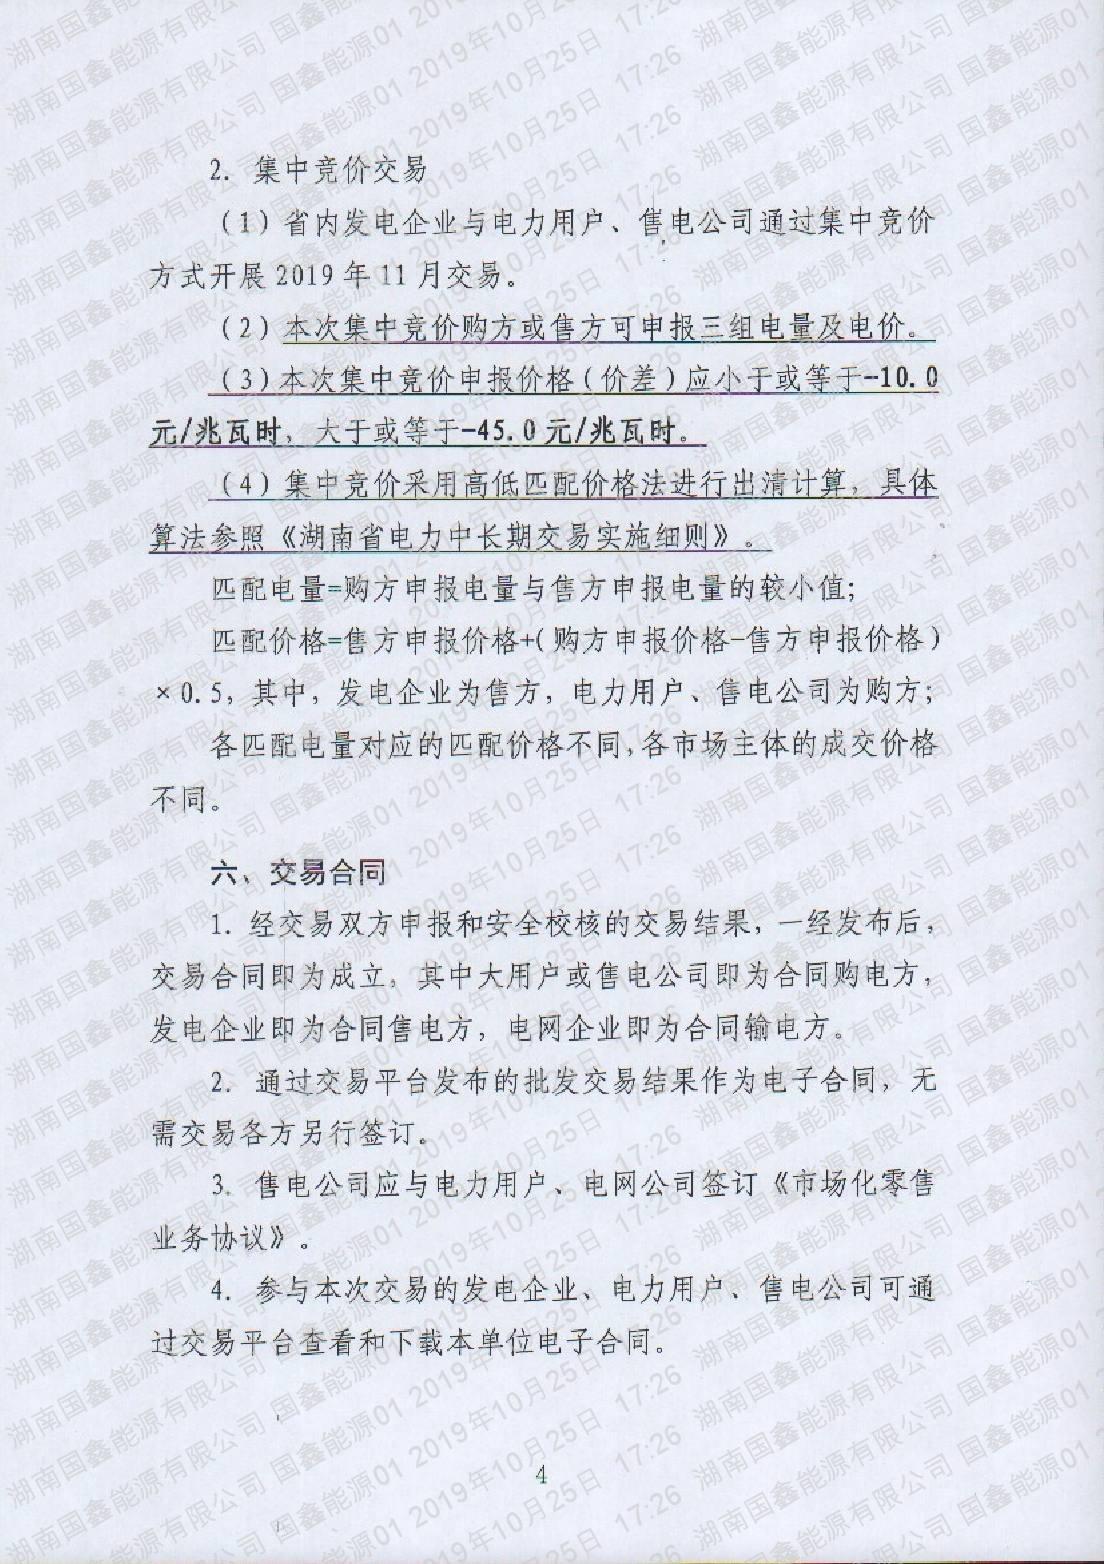 2019年第28号交易公告(11月月度交易).pdf_page_4_compressed.jpg